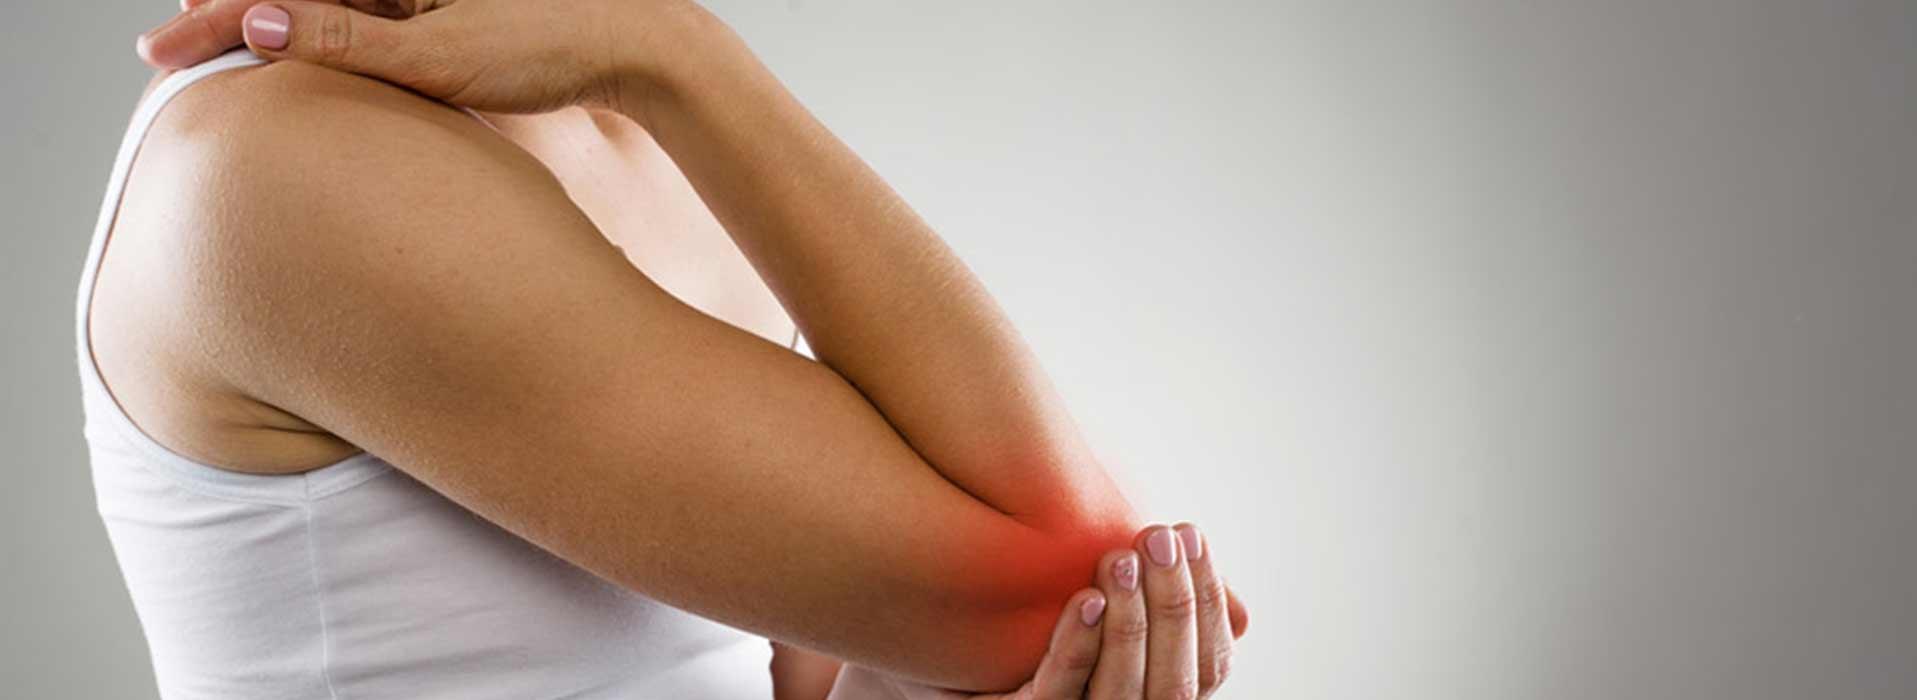 Artrose reuma gewrichten